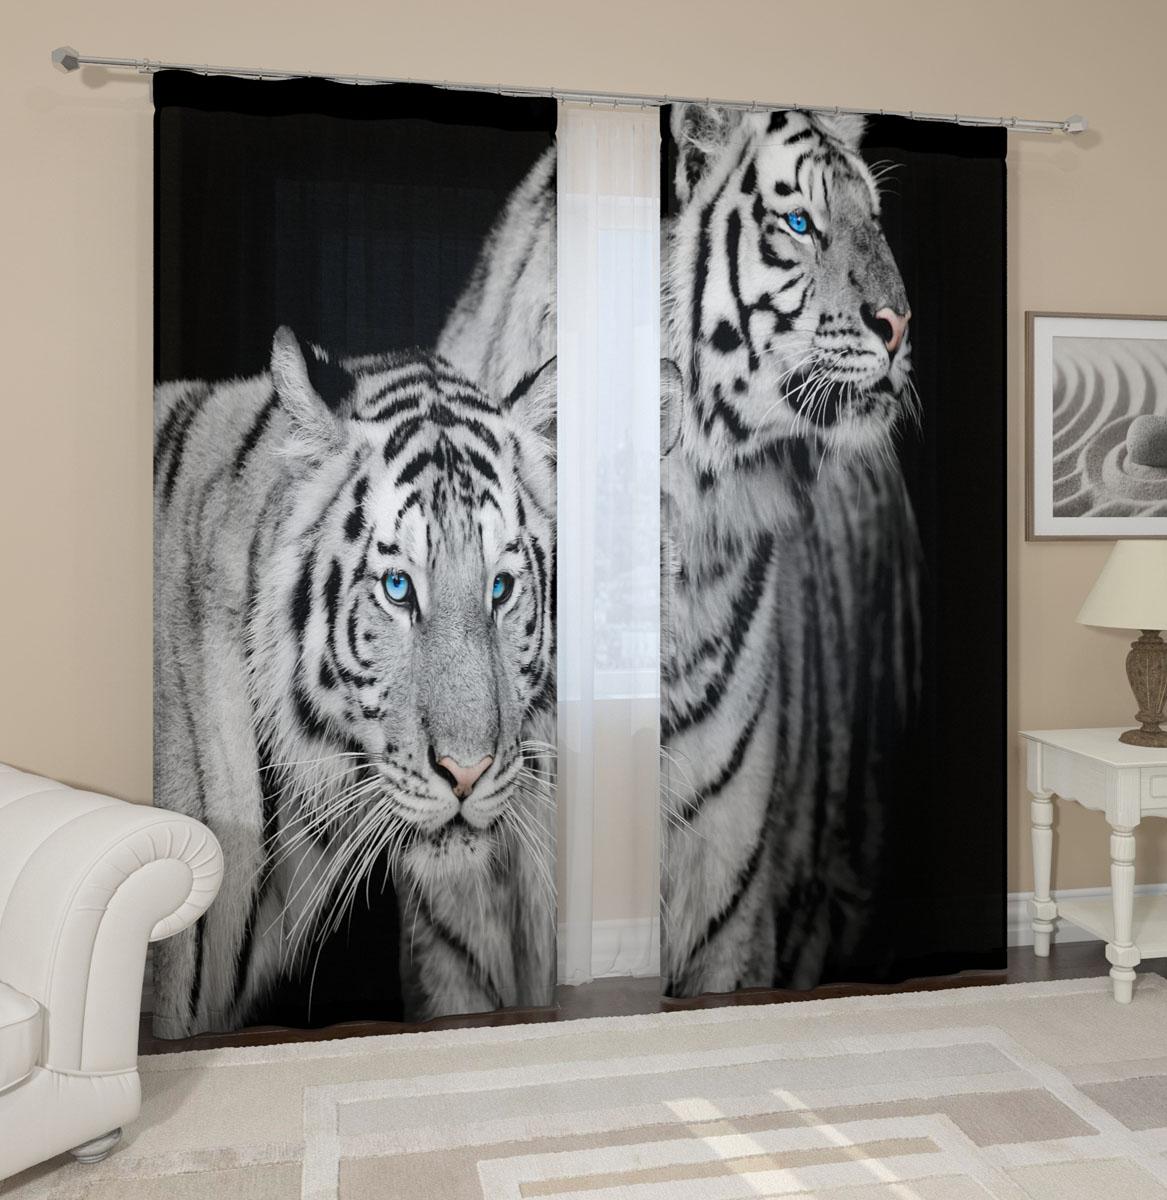 Комплект фотоштор Сирень Два тигра, на ленте, высота 260 см03221-ФШ-ГБ-001Фотошторы Сирень Два тигра, выполненные из габардина (100% полиэстера), отлично дополнят украшение любого интерьера. Особенностью ткани габардин является небольшая плотность, из-за чего ткань хорошо пропускает воздух и солнечный свет. Ткань хорошо держит форму, не требует специального ухода. Крепление на карниз при помощи шторной ленты на крючки. В комплекте 2 шторы. Ширина одного полотна: 145 см. Высота штор: 260 см. Рекомендации по уходу: стирка при 30 градусах, гладить при температуре до 110 градусов. Изображение на мониторе может немного отличаться от реального.